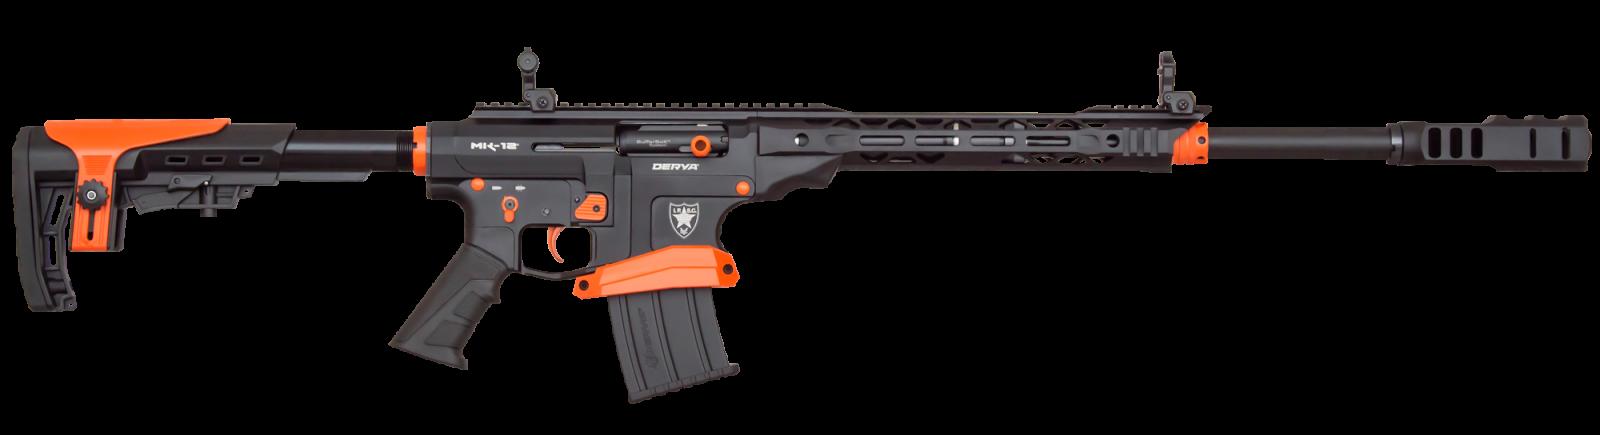 Fusil DERYA ARMS MK12 IP- 500 calibre 12